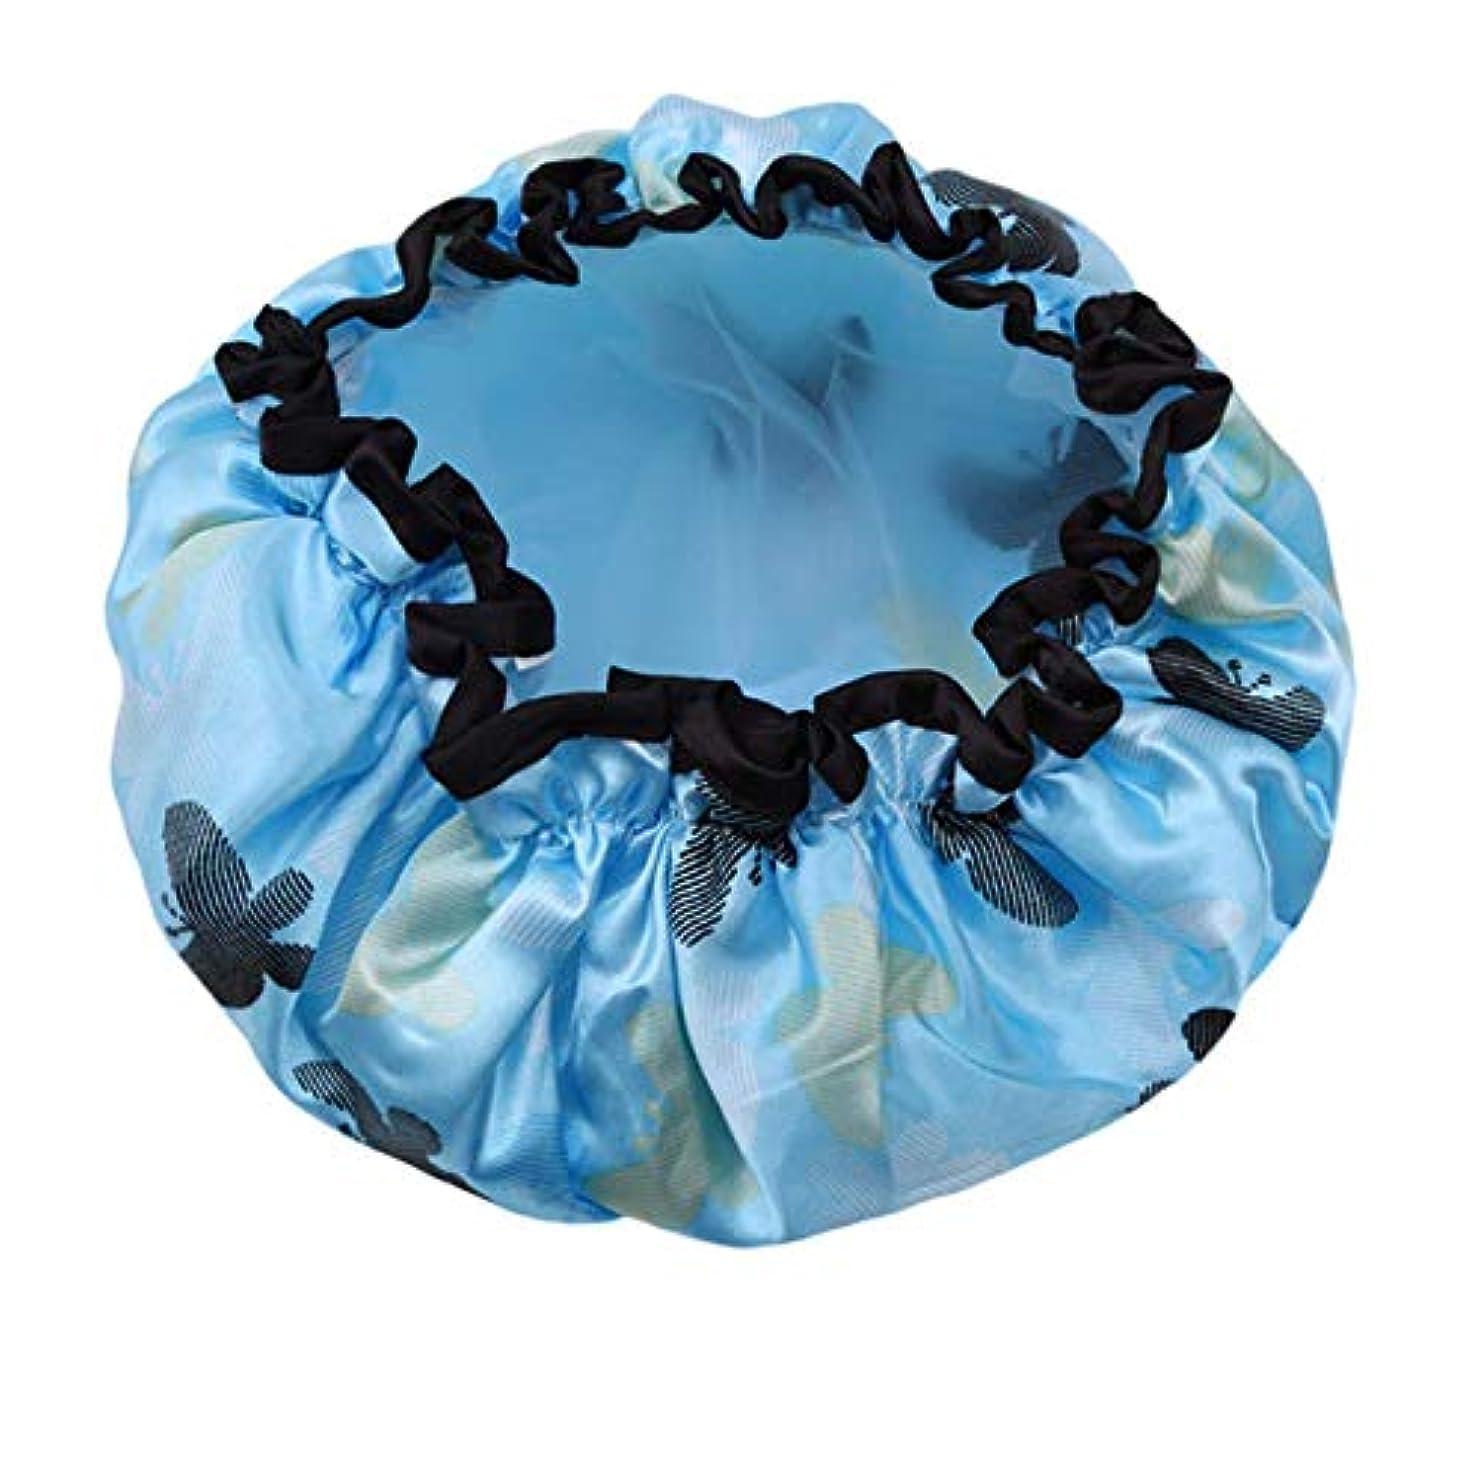 現実には結果経由で1st market プレミアム二層バスキャップエラスティックバンドシャワー帽子防水女性用シャワースパスタイル3